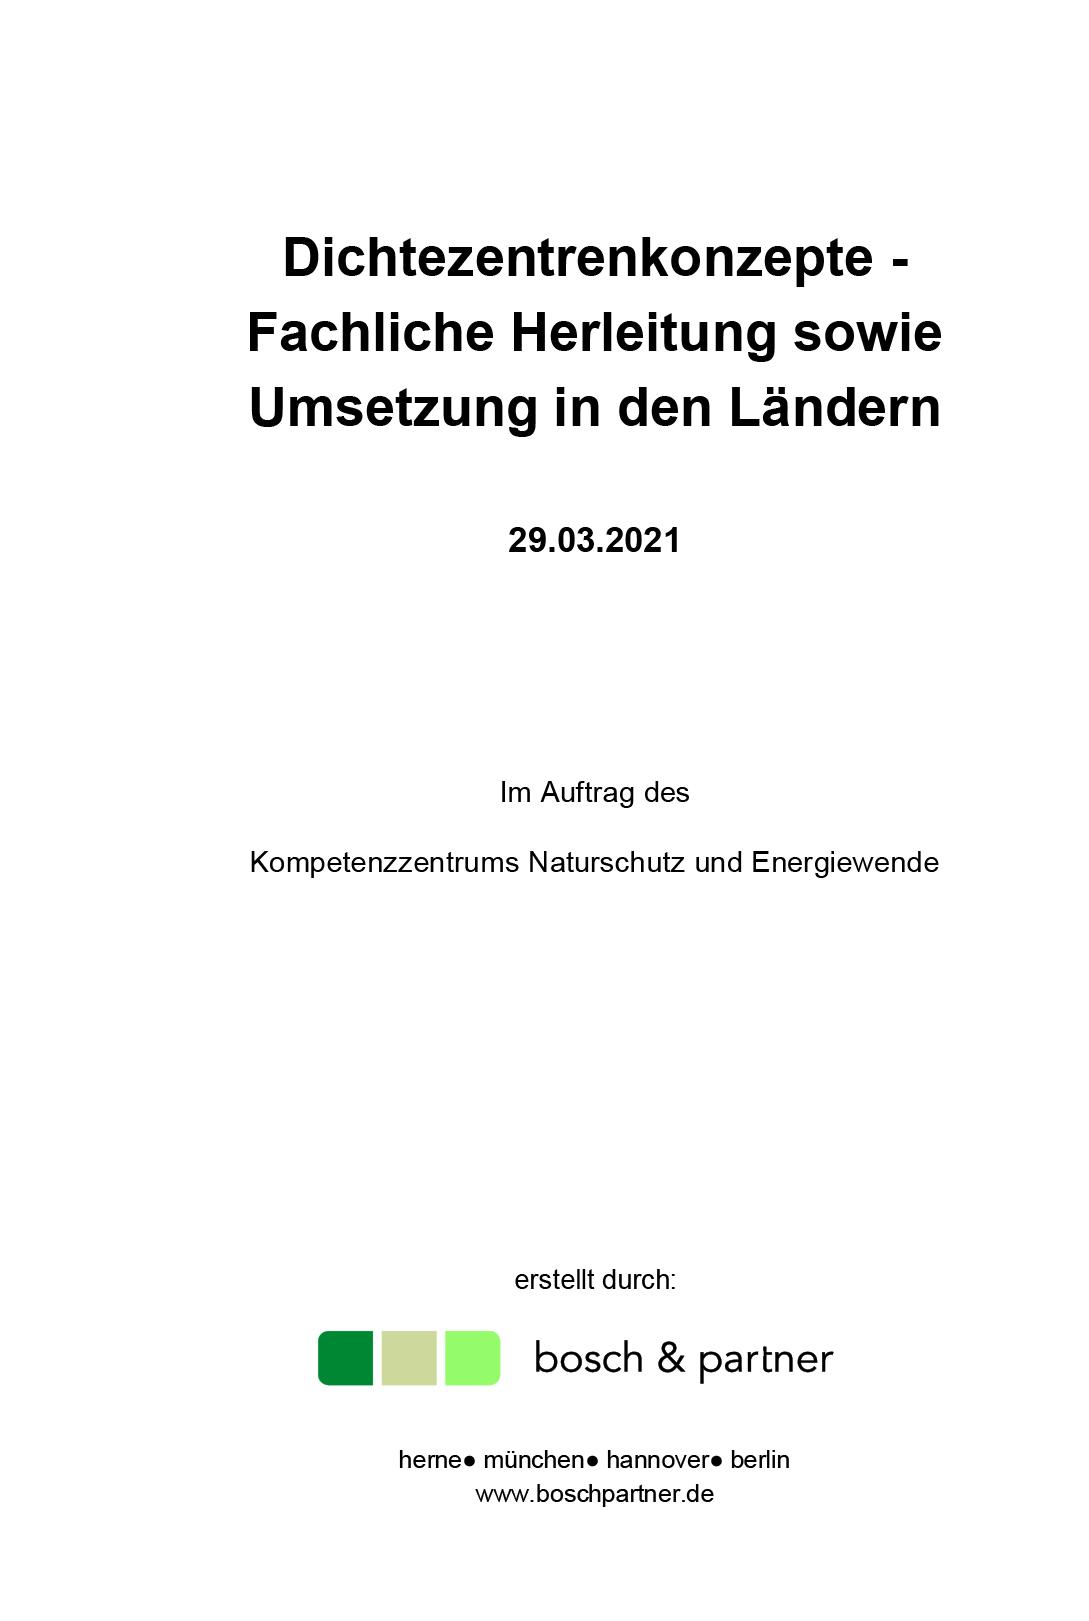 Titelseite Gutachten_Dichtezentrenkonzepte–Fachliche-Herleitung-sowie-Umsetzung-in-den-Ländern_Dr-Katrin-Wulfert